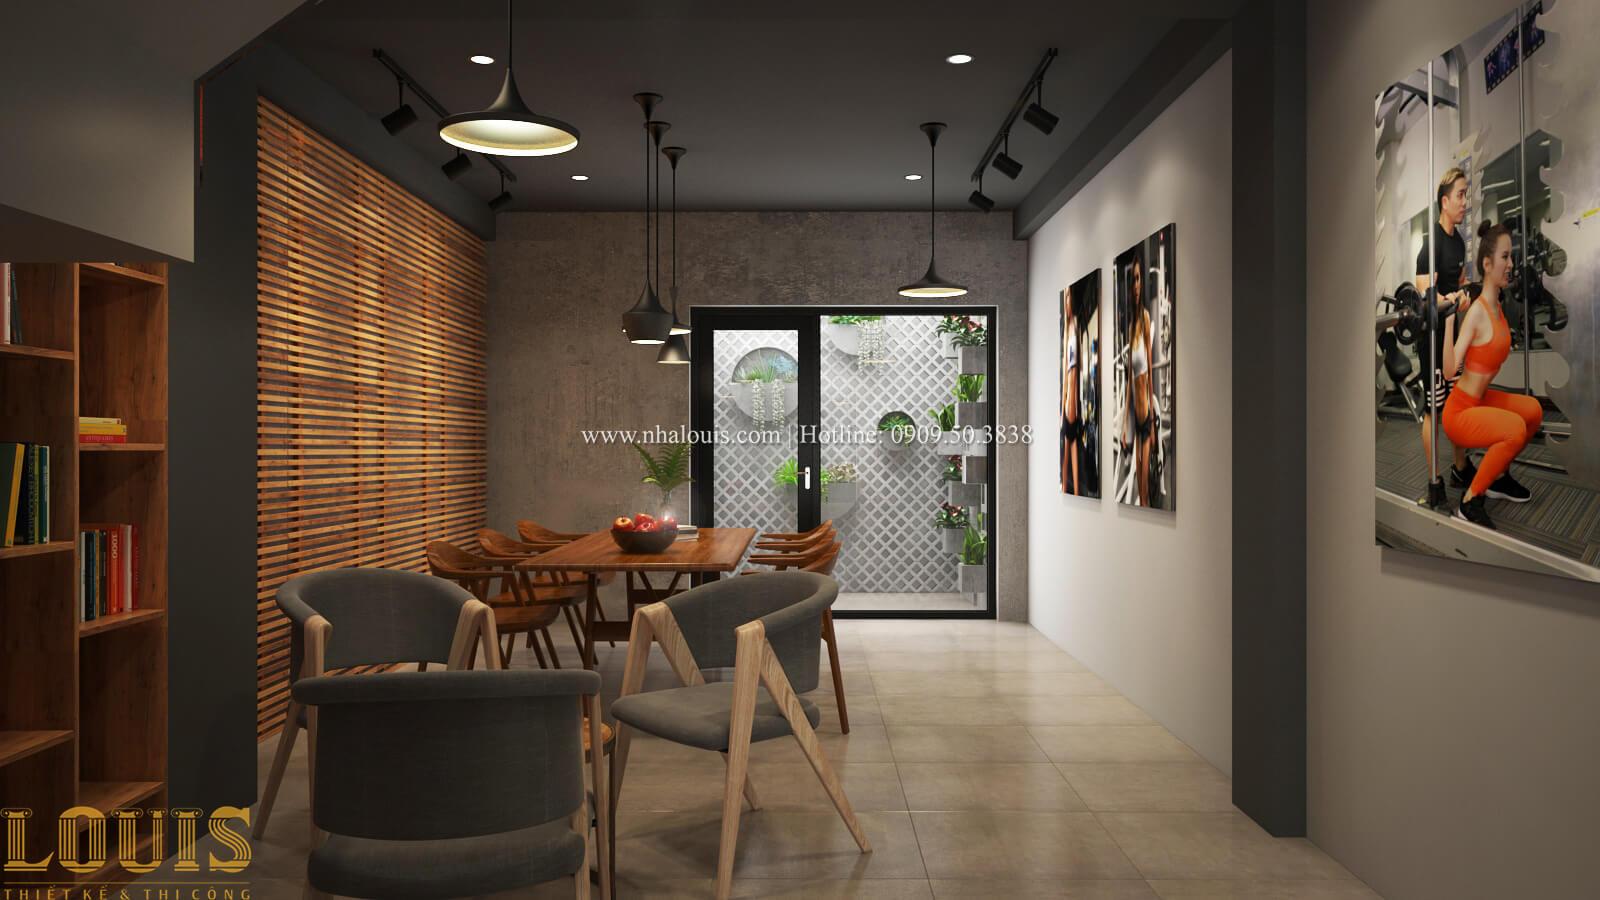 Phòng làm việc Tư vấn thiết kế mẫu nhà đẹp 4x20m hiện đại và sang trọng tại quận 8 - 22